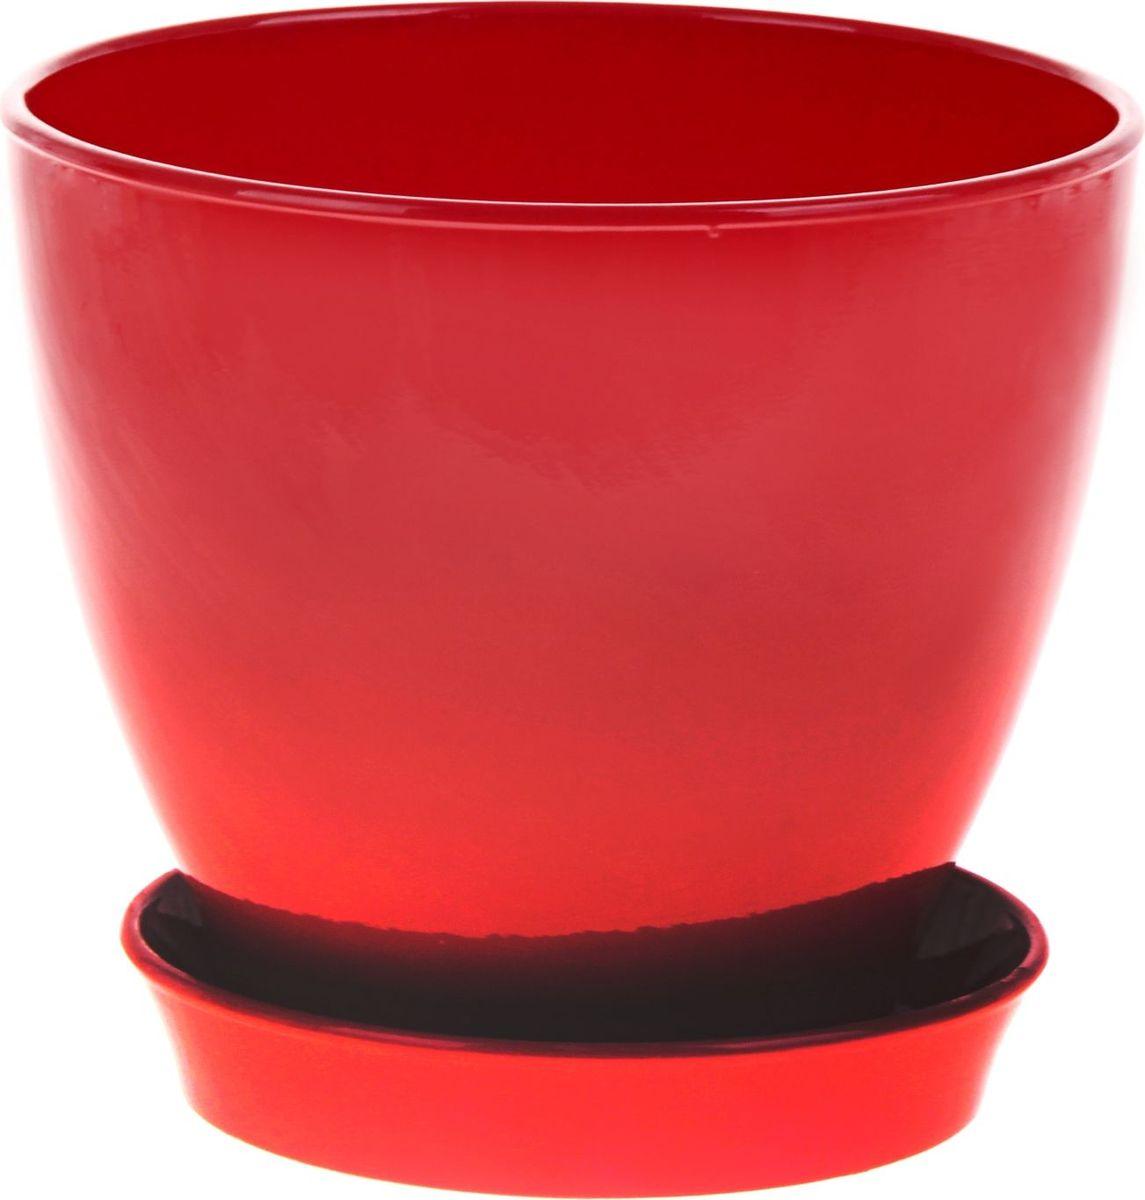 Кашпо Керамика ручной работы Ксения. Глянец, цвет: красный, 5,25 л825186Кашпо серии «Каменный цветок» выполнено из белой глины методом формовки и покрыто лаком. Керамическая ёмкость имеет объём, оптимальный для создания наилучших условий развития большинства растений.Устойчивый глубокий поддон защитит поверхность стола или подставки от жидкости.Благодаря строгим стандартам производства изделия отличаются правильной формой, отсутствием дефектов, имеют достаточную тяжесть для надёжной фиксации конструкции.Окраска моделей не восприимчива к прямым солнечным лучам, а в цветовой гамме преобладают яркие и насыщенные оттенки.Красота, удобство и долговечность кашпо серии «Каменный цветок» порадует любителей высококачественных аксессуаров для комнатных растений.